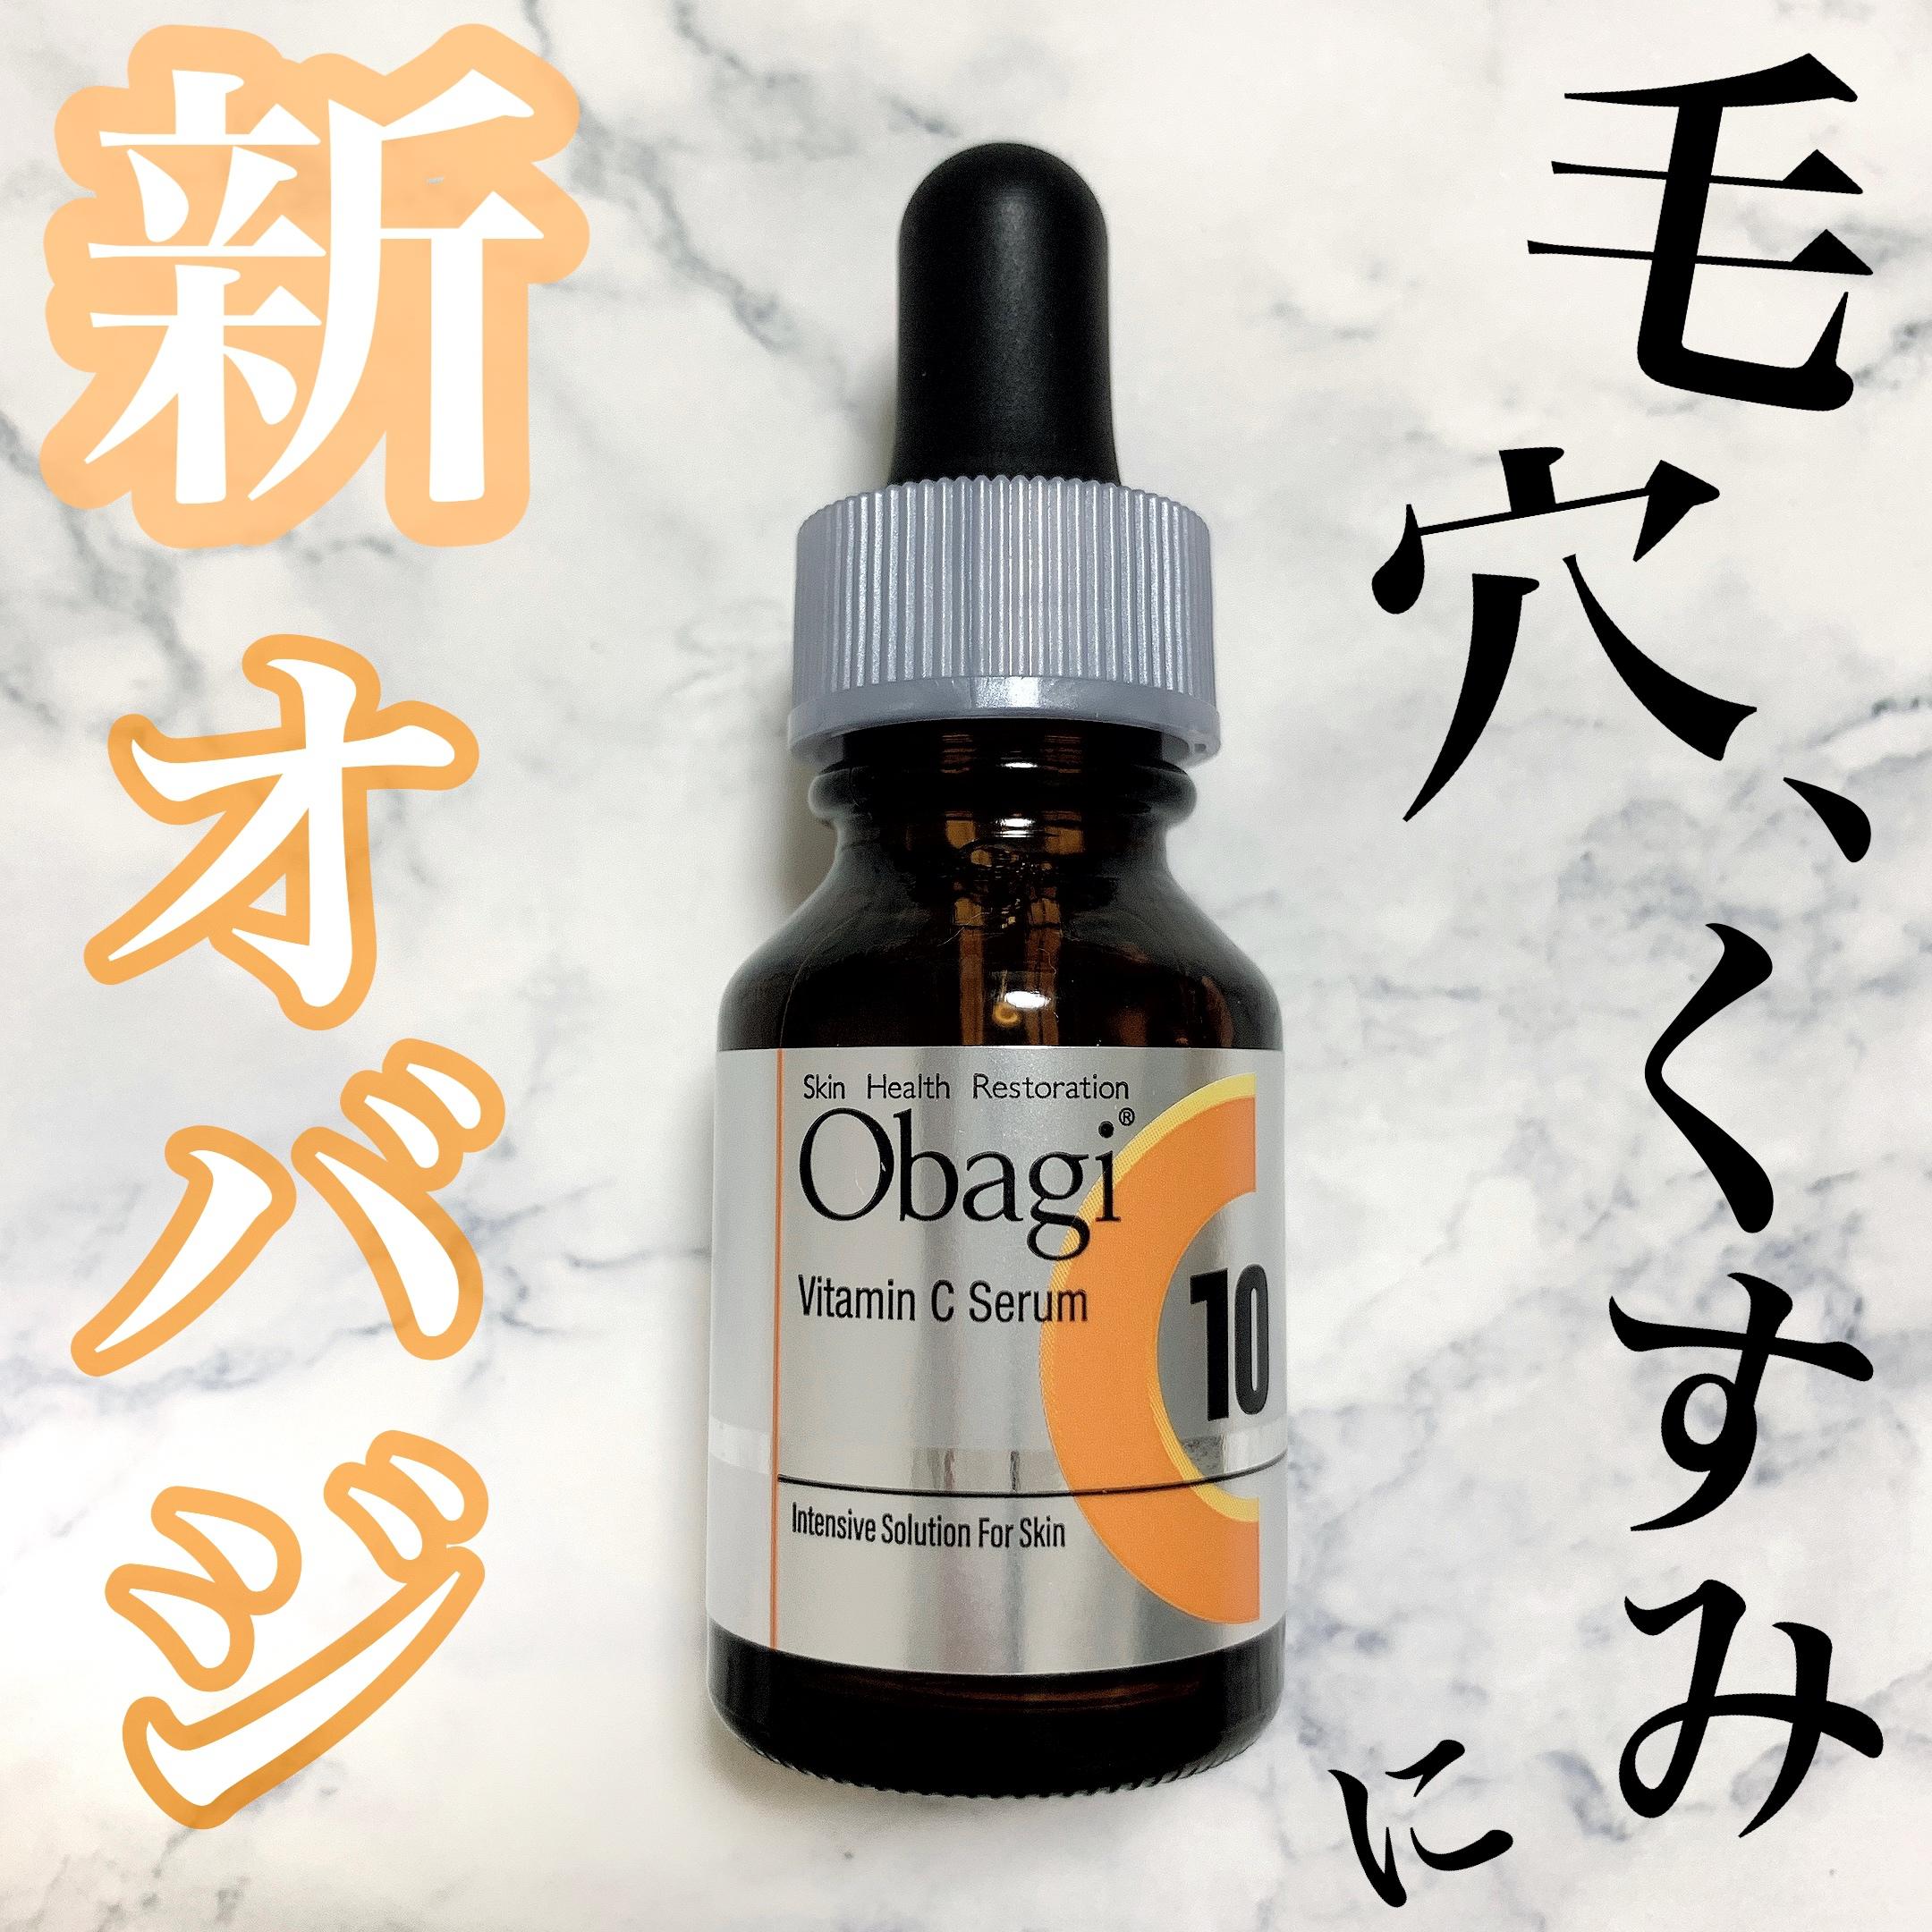 Obagi(オバジ) c10セラムの良い点・メリットに関するまみやこさんの口コミ画像2